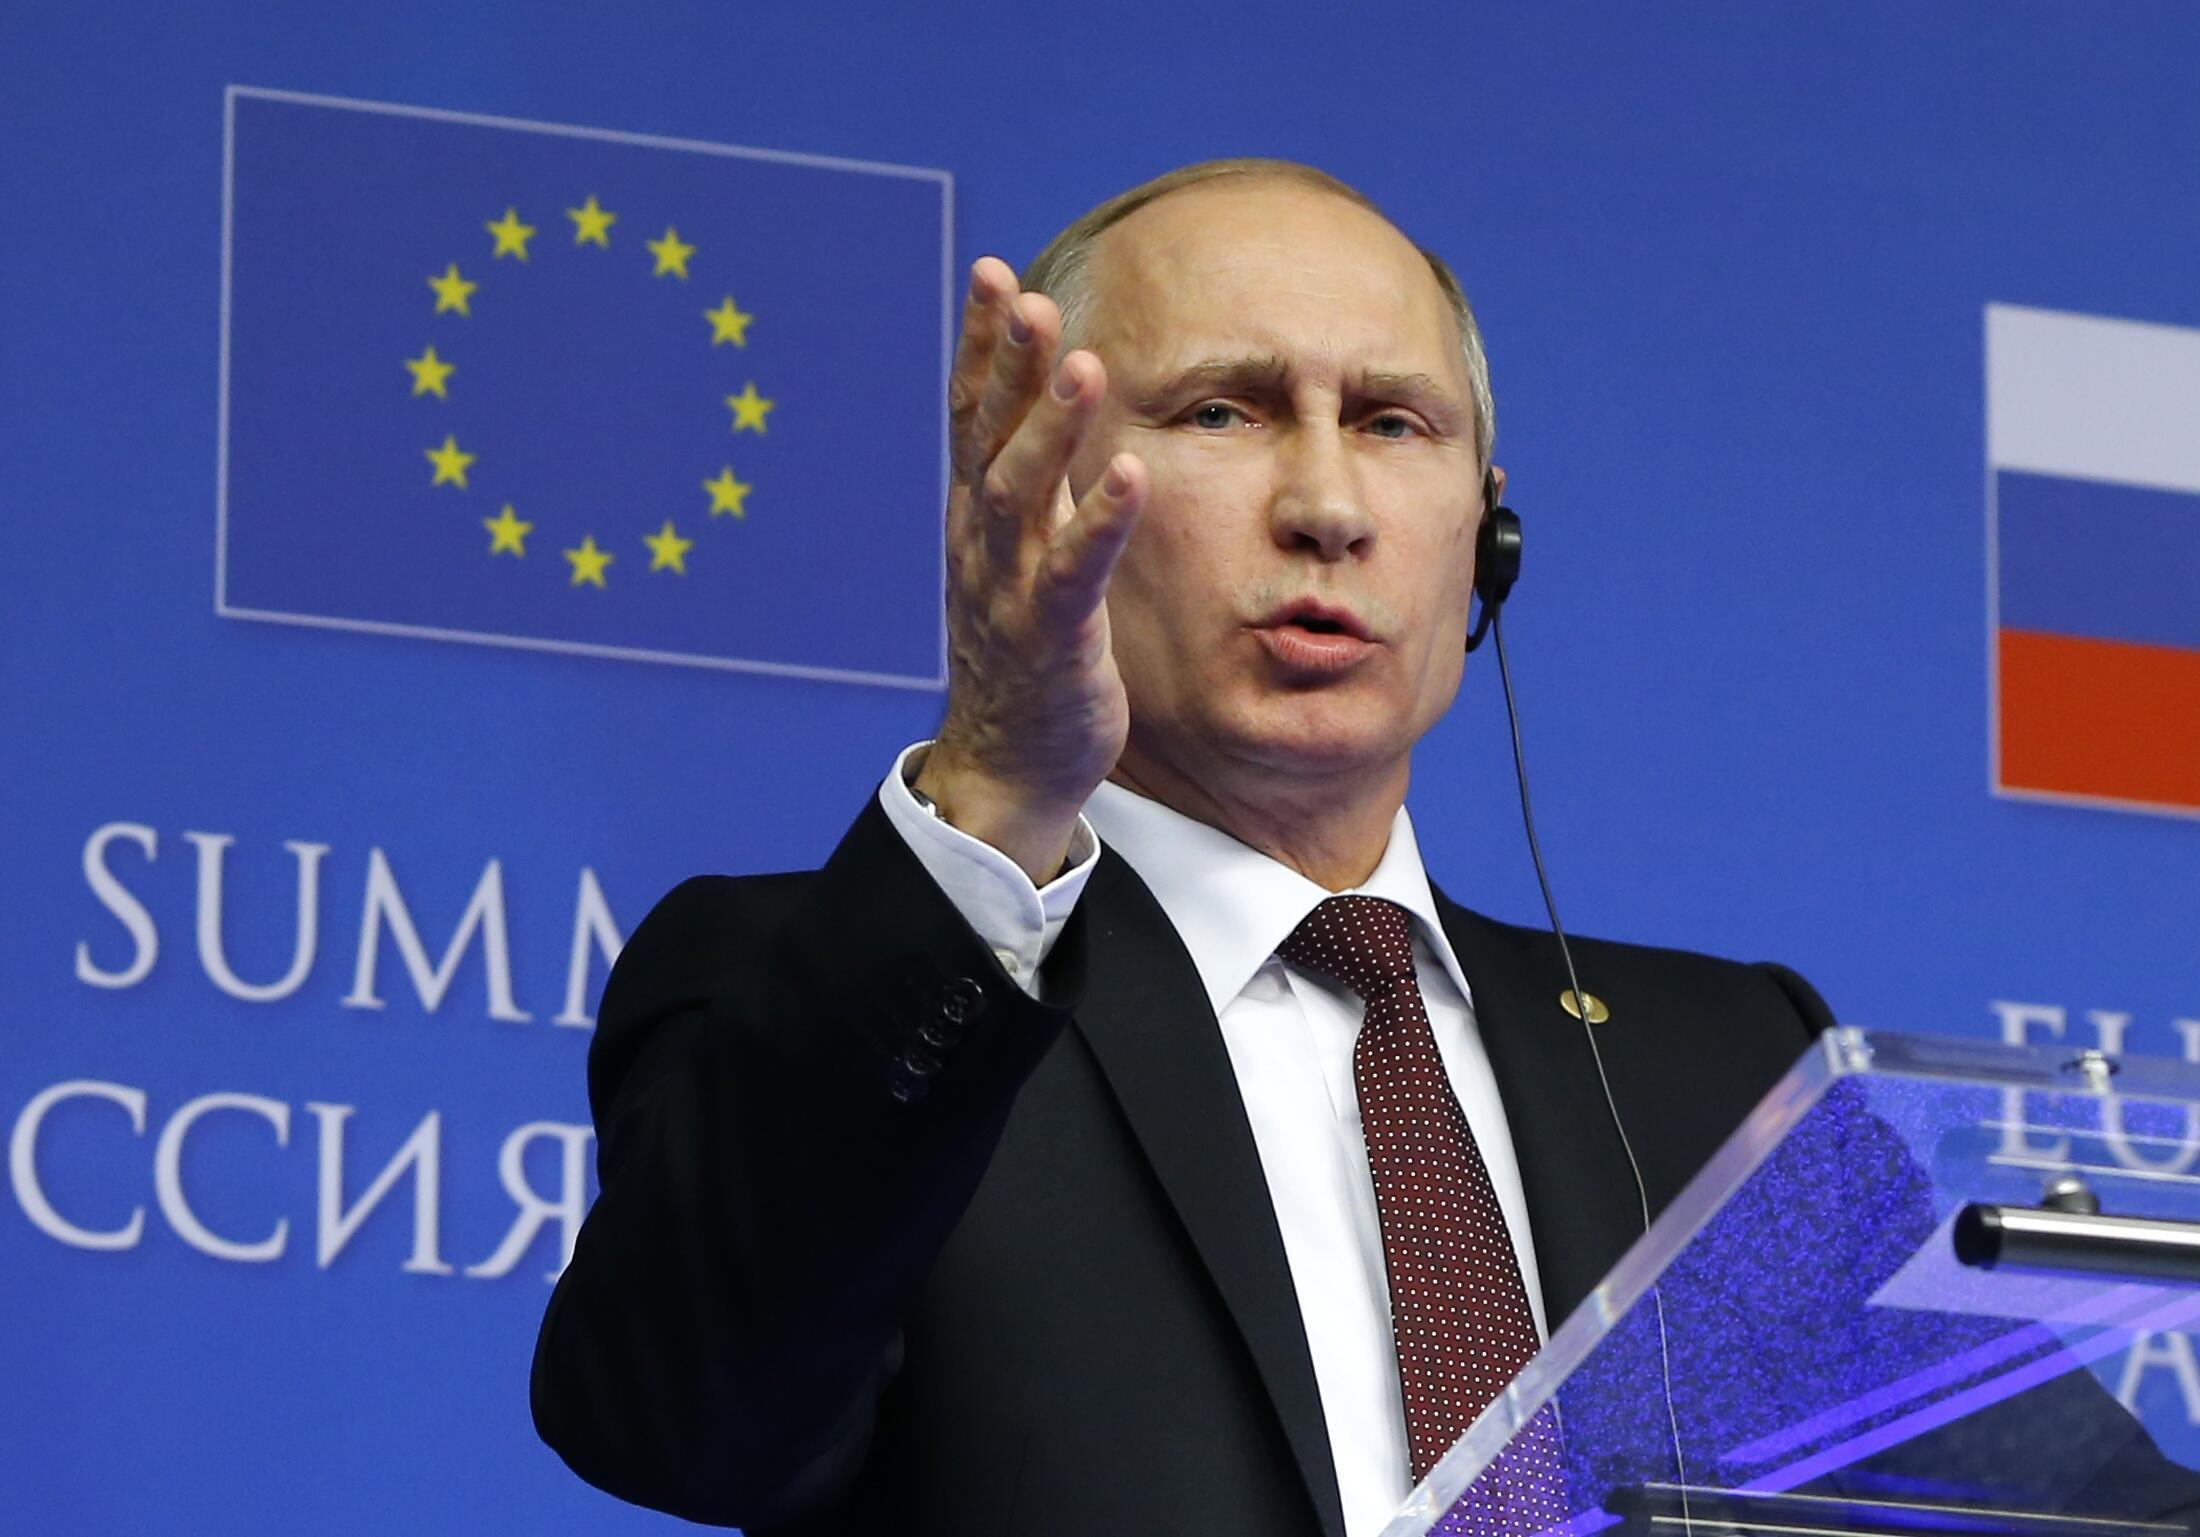 Rais wa Urusi Vladimir Putine akilaumu mataifa ya magharibi kuhusu mzozo wa Ukraine.